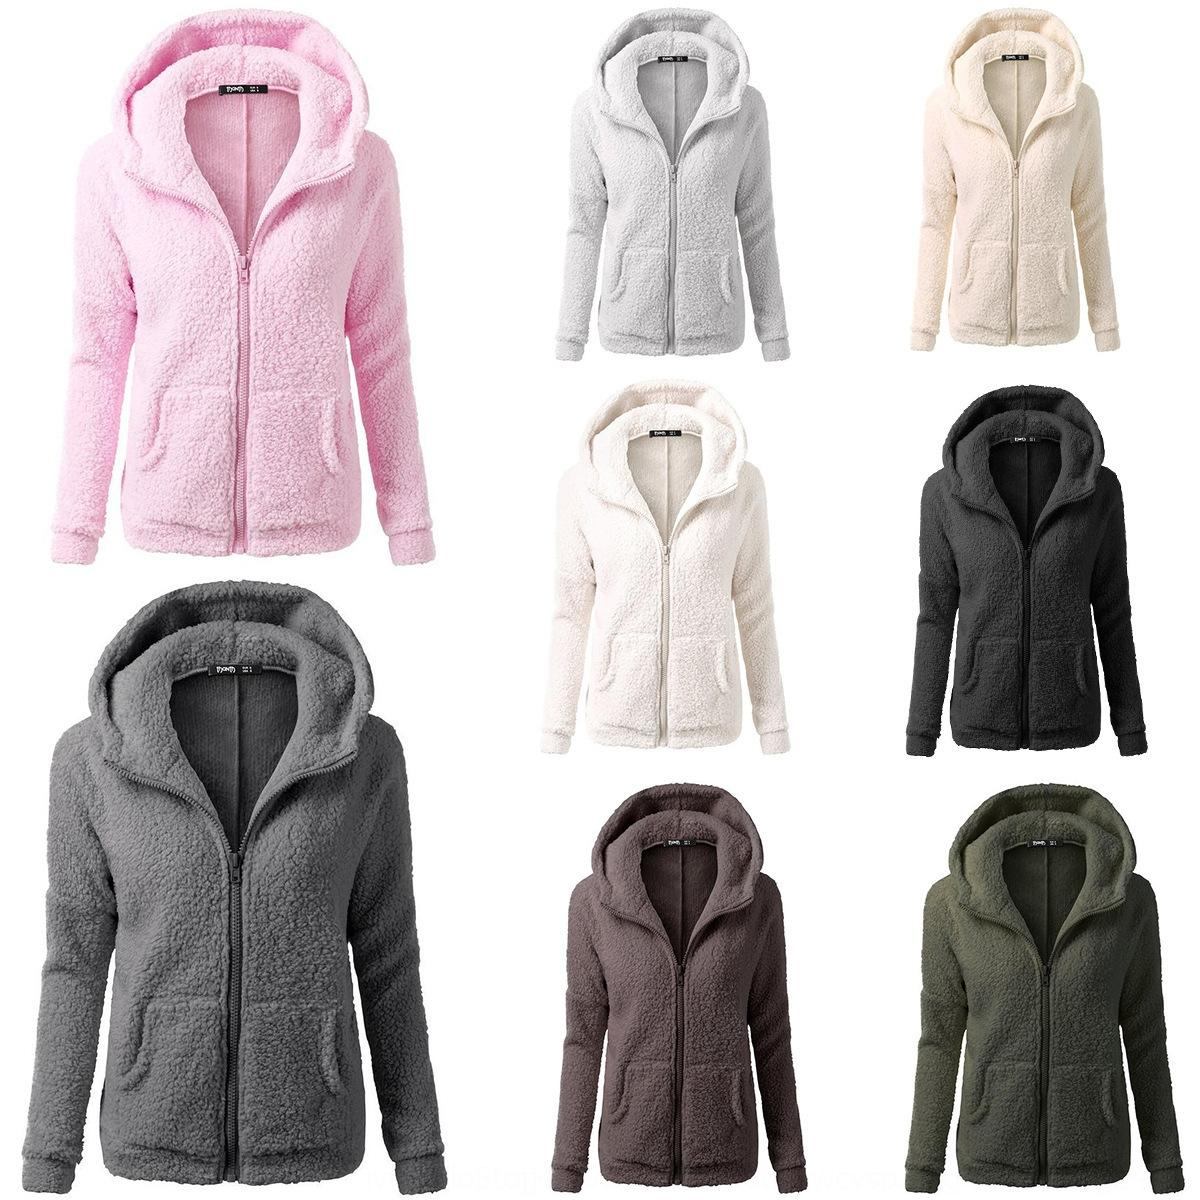 QhPuh otoño y el invierno y la manera de la capa encapuchada del suéter La nueva capa de invierno de la manera nuevo otoño de las mujeres suéter encapuchado de las mujeres zuBWi